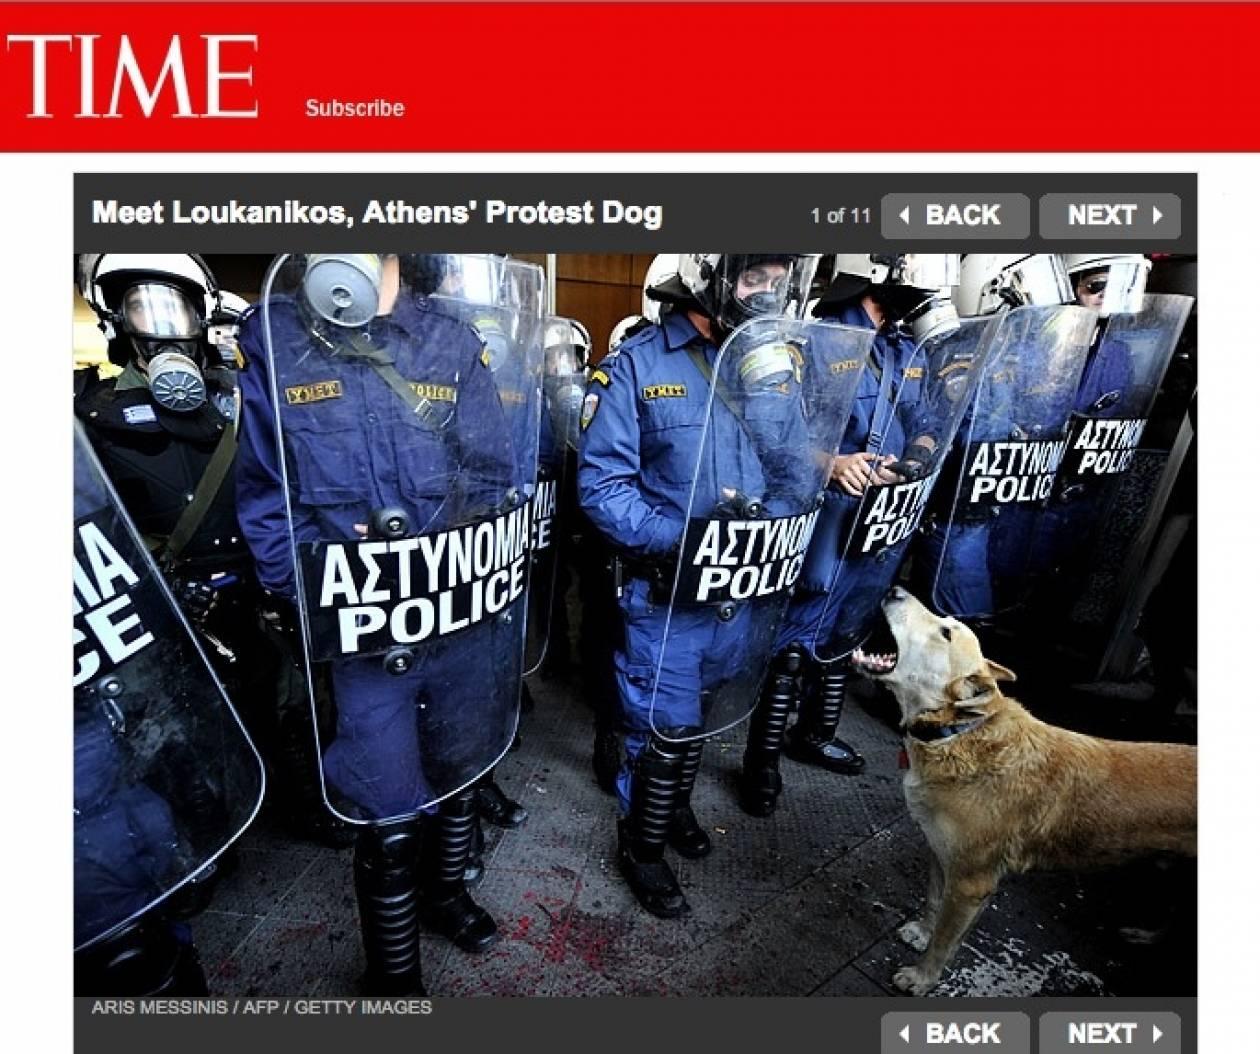 Λουκάνικος: Όταν ένας σκύλος γινόταν πρόσωπο της χρονιάς στο TIME